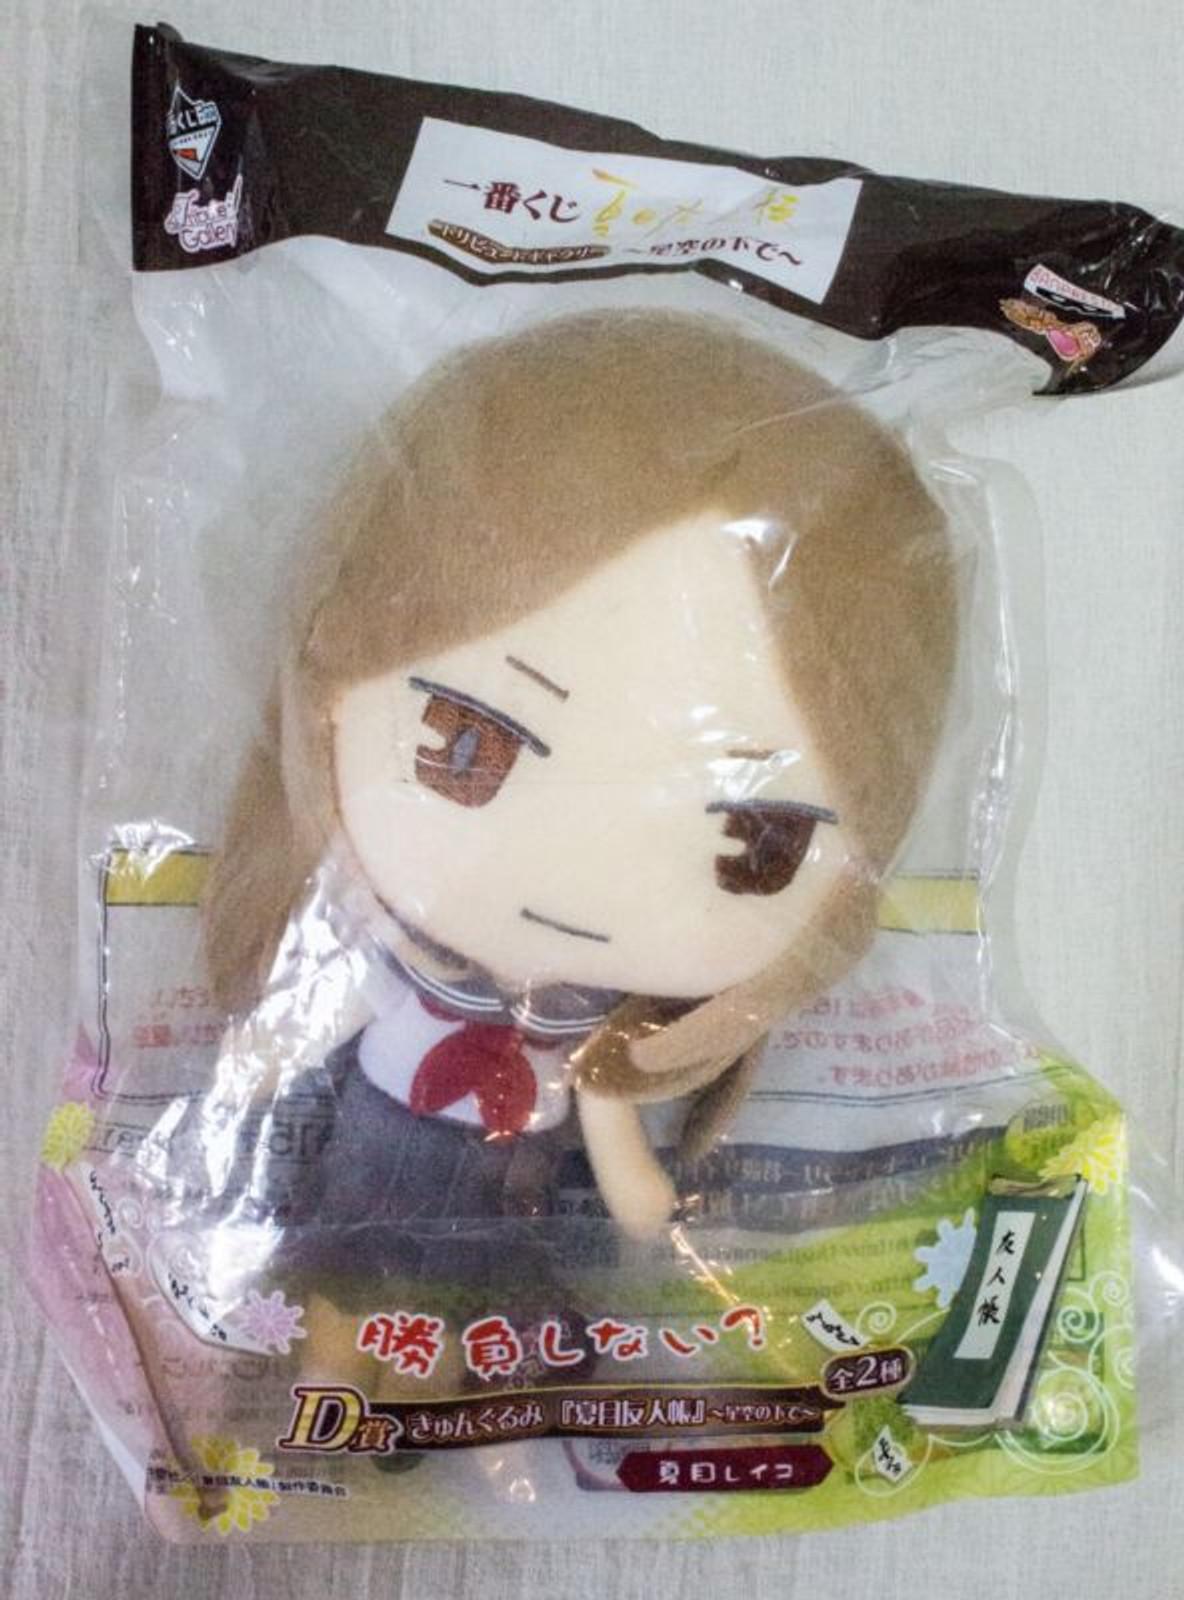 Natsume Yuujinchou Reiko Kyun-Gurumi Plush Doll Figure Banpresto JAPAN ANIME